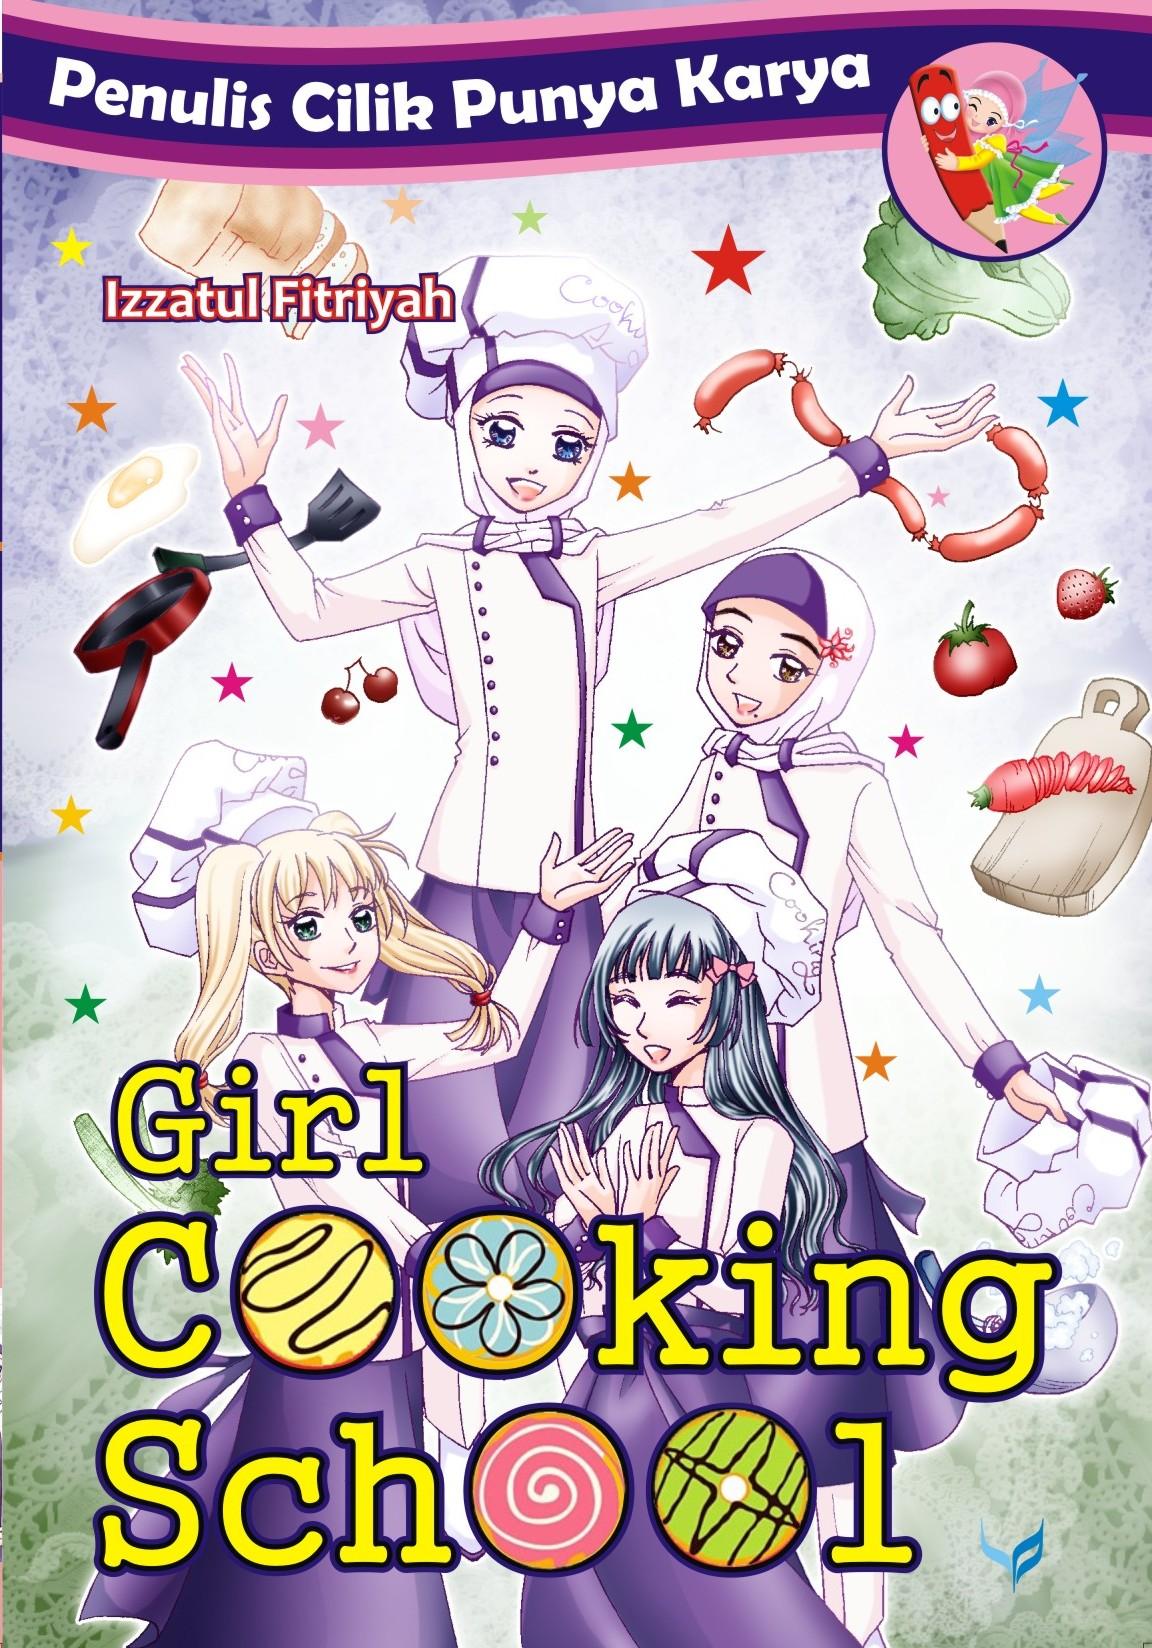 PCPK Girl Cooking Schoolen